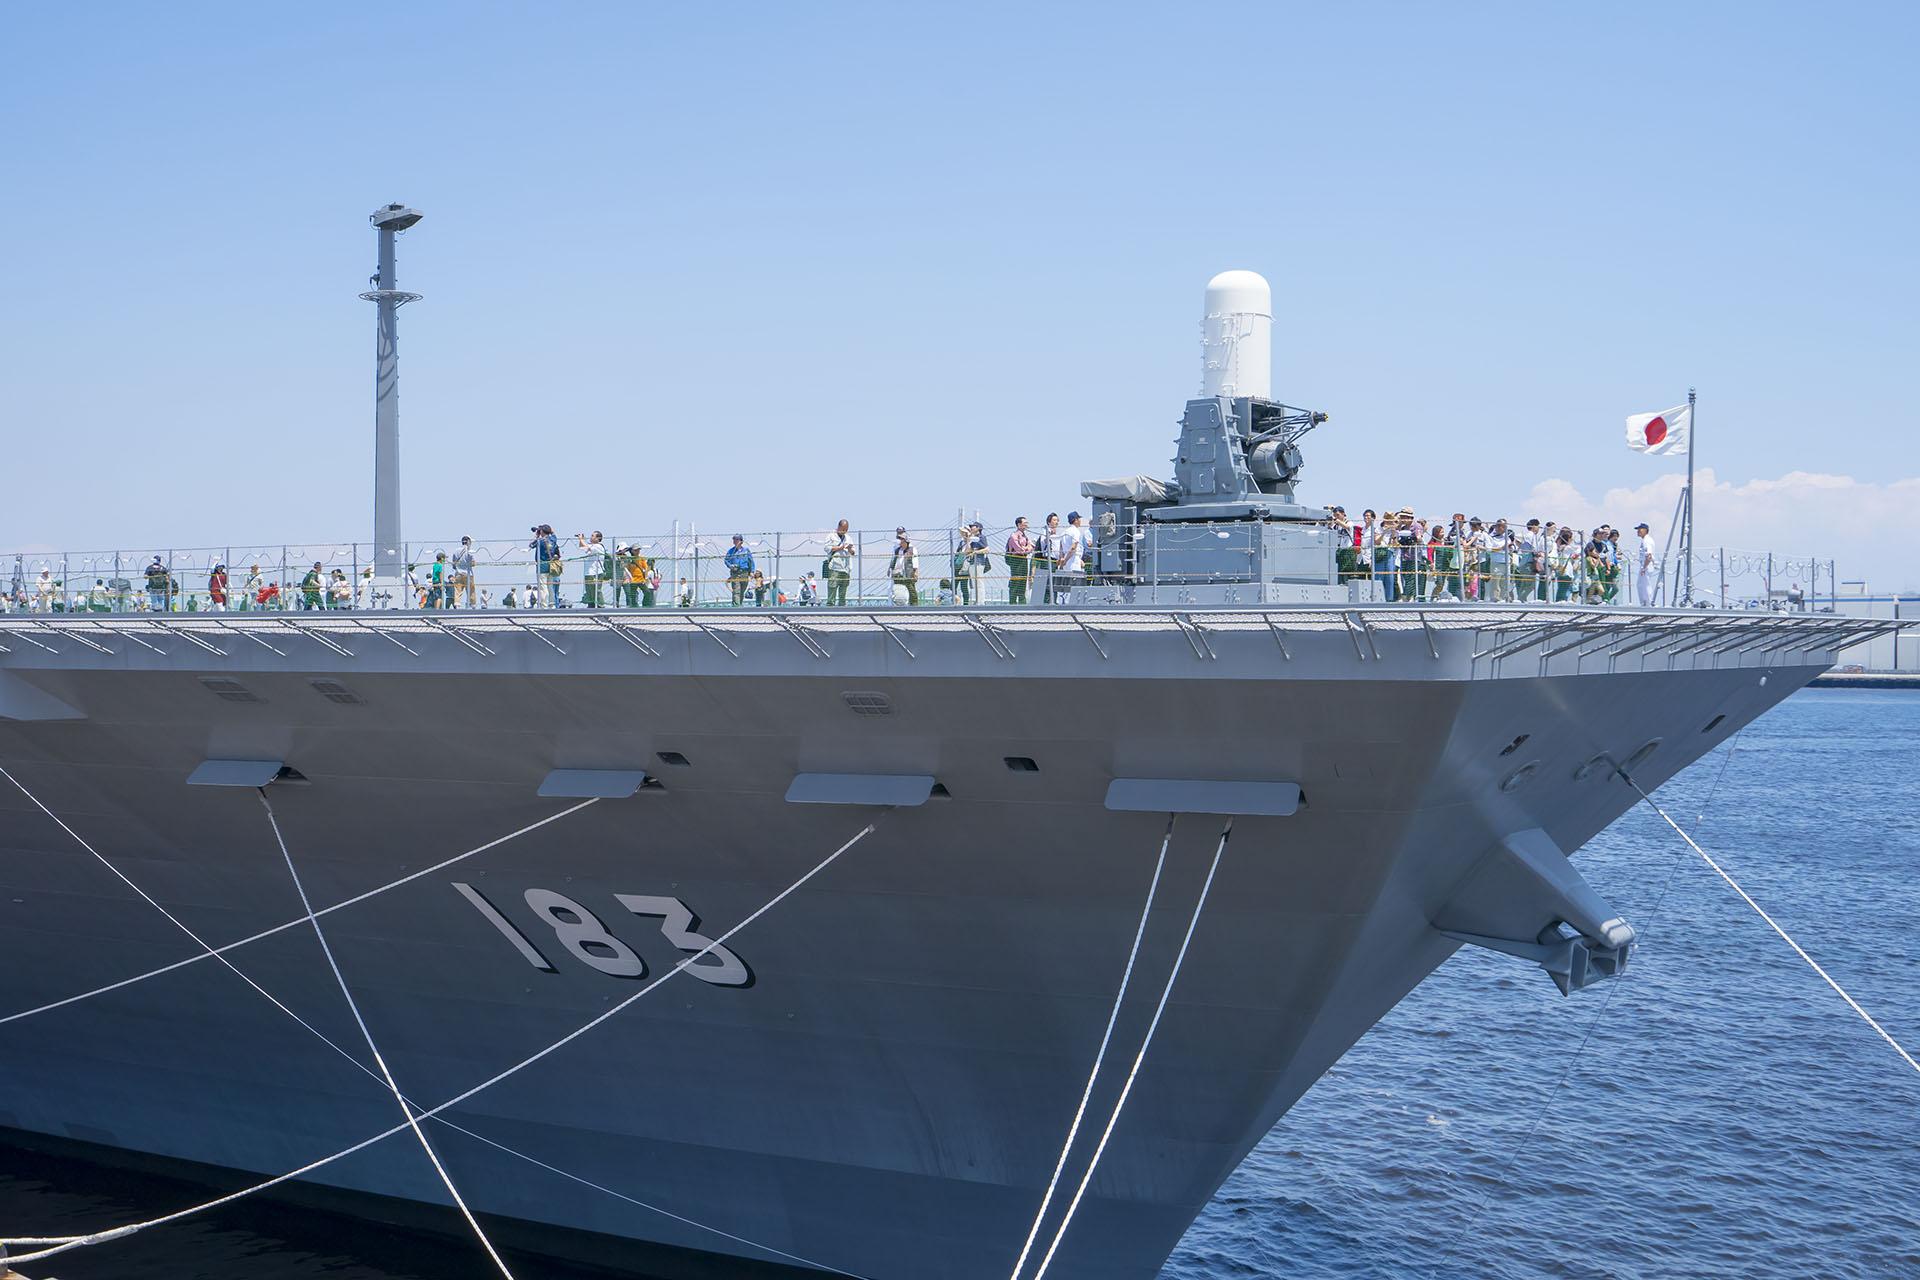 護衛艦いずもの一般公開で乗艦してきた